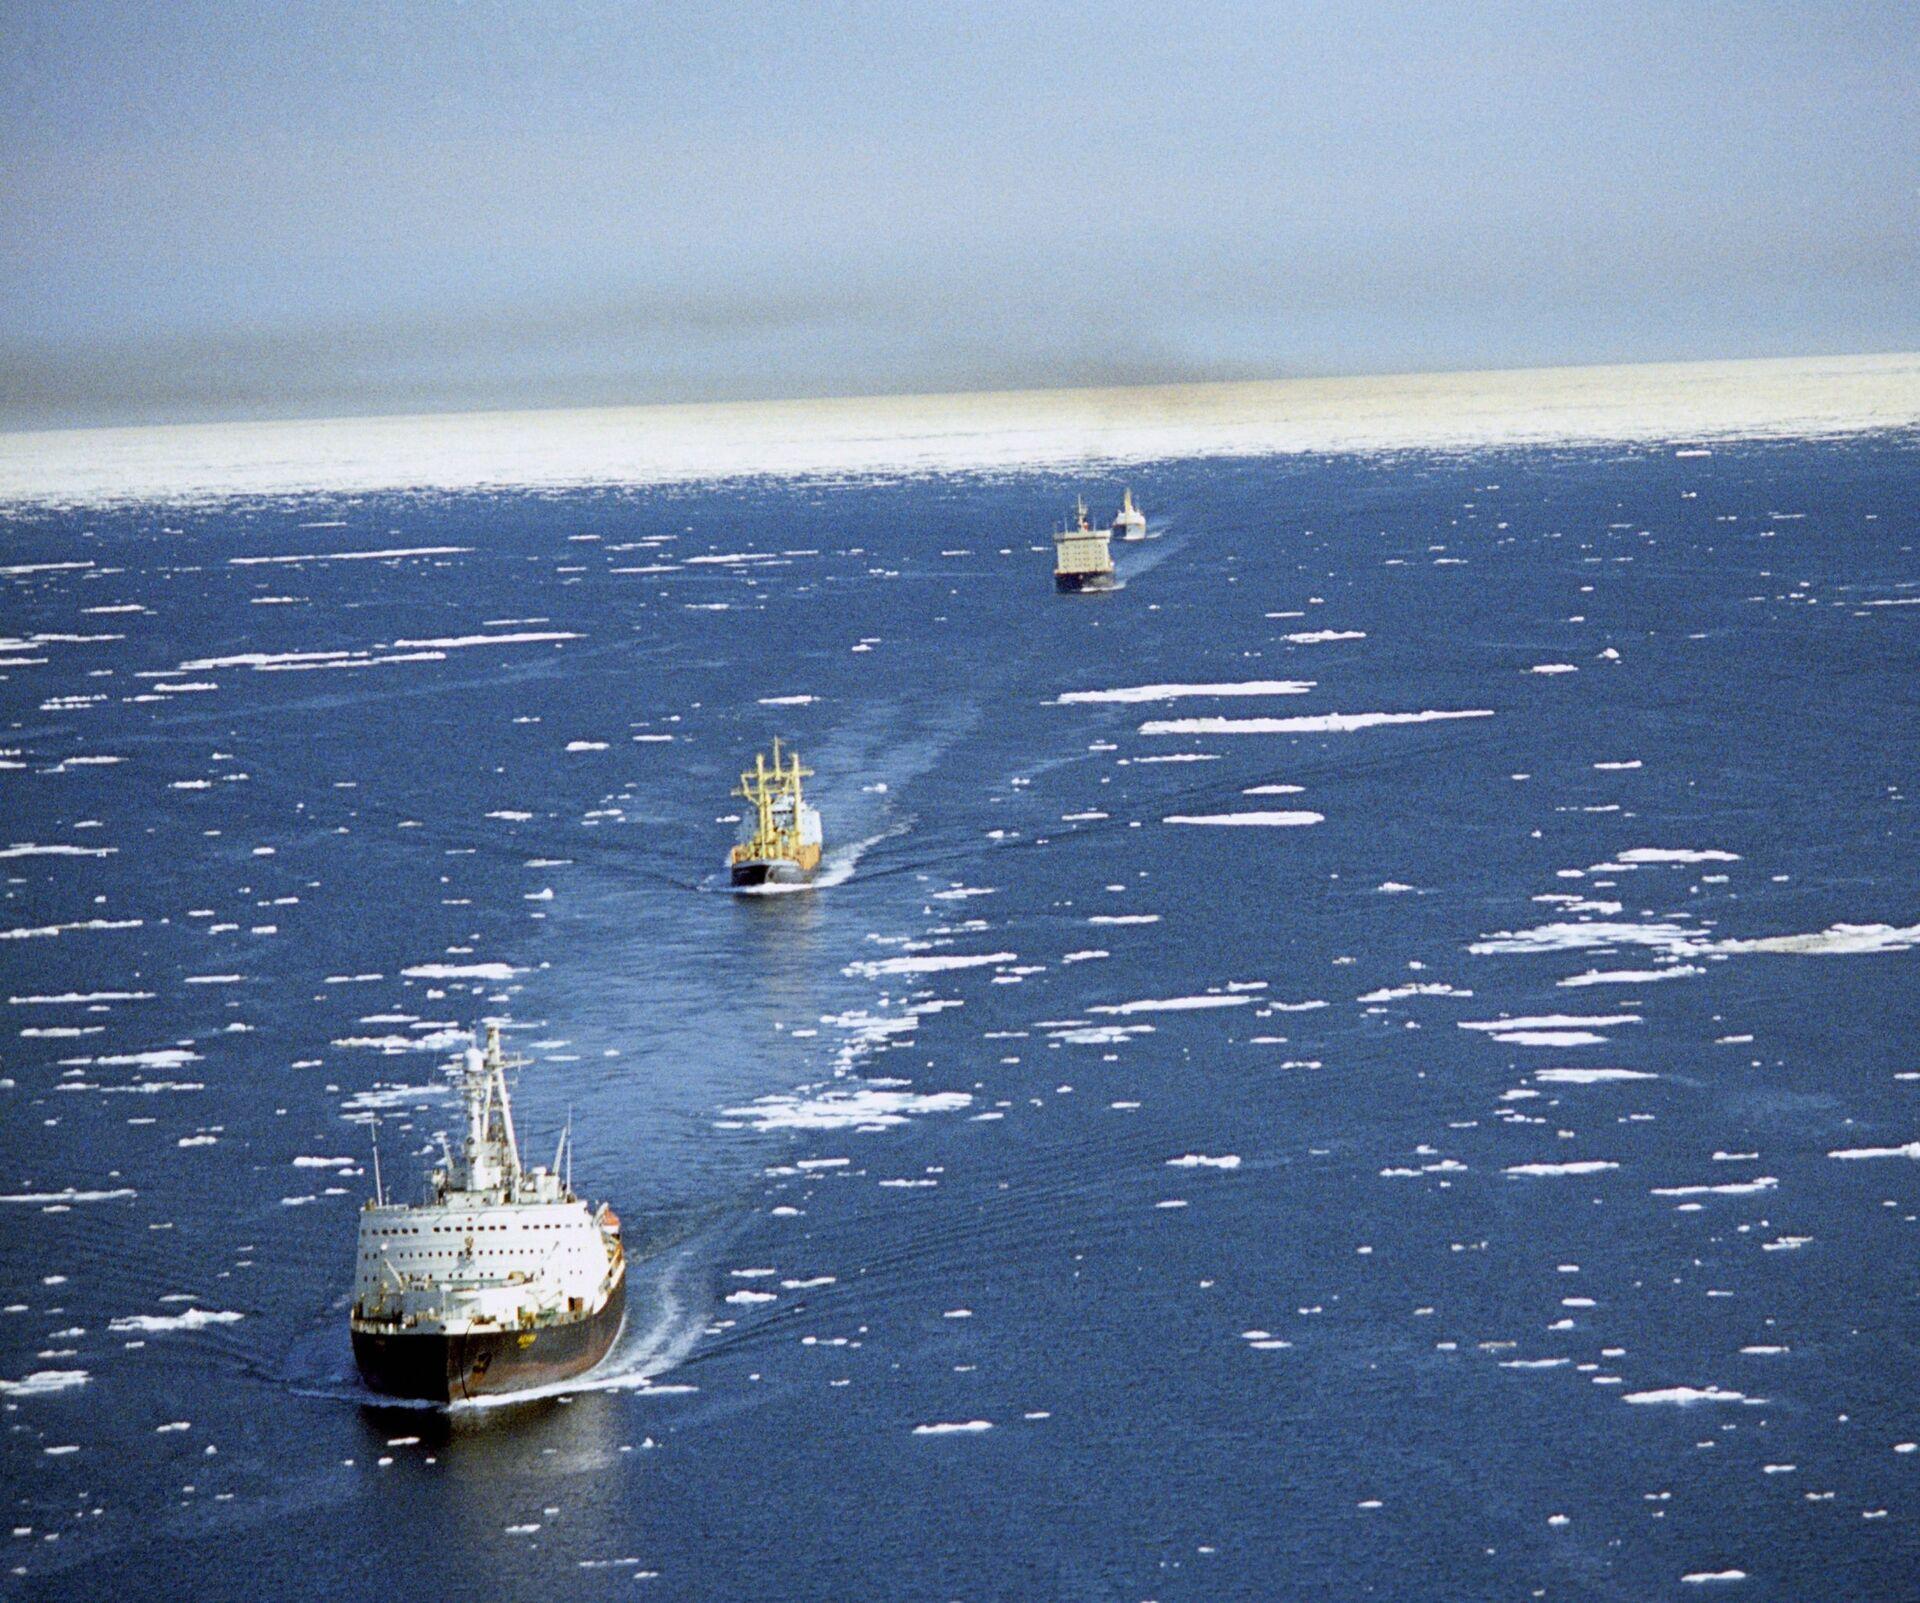 Tham vọng Bắc Cực của Bắc Kinh gây nguy cơ cho quan hệ Nga-Trung - Sputnik Việt Nam, 1920, 08.06.2021